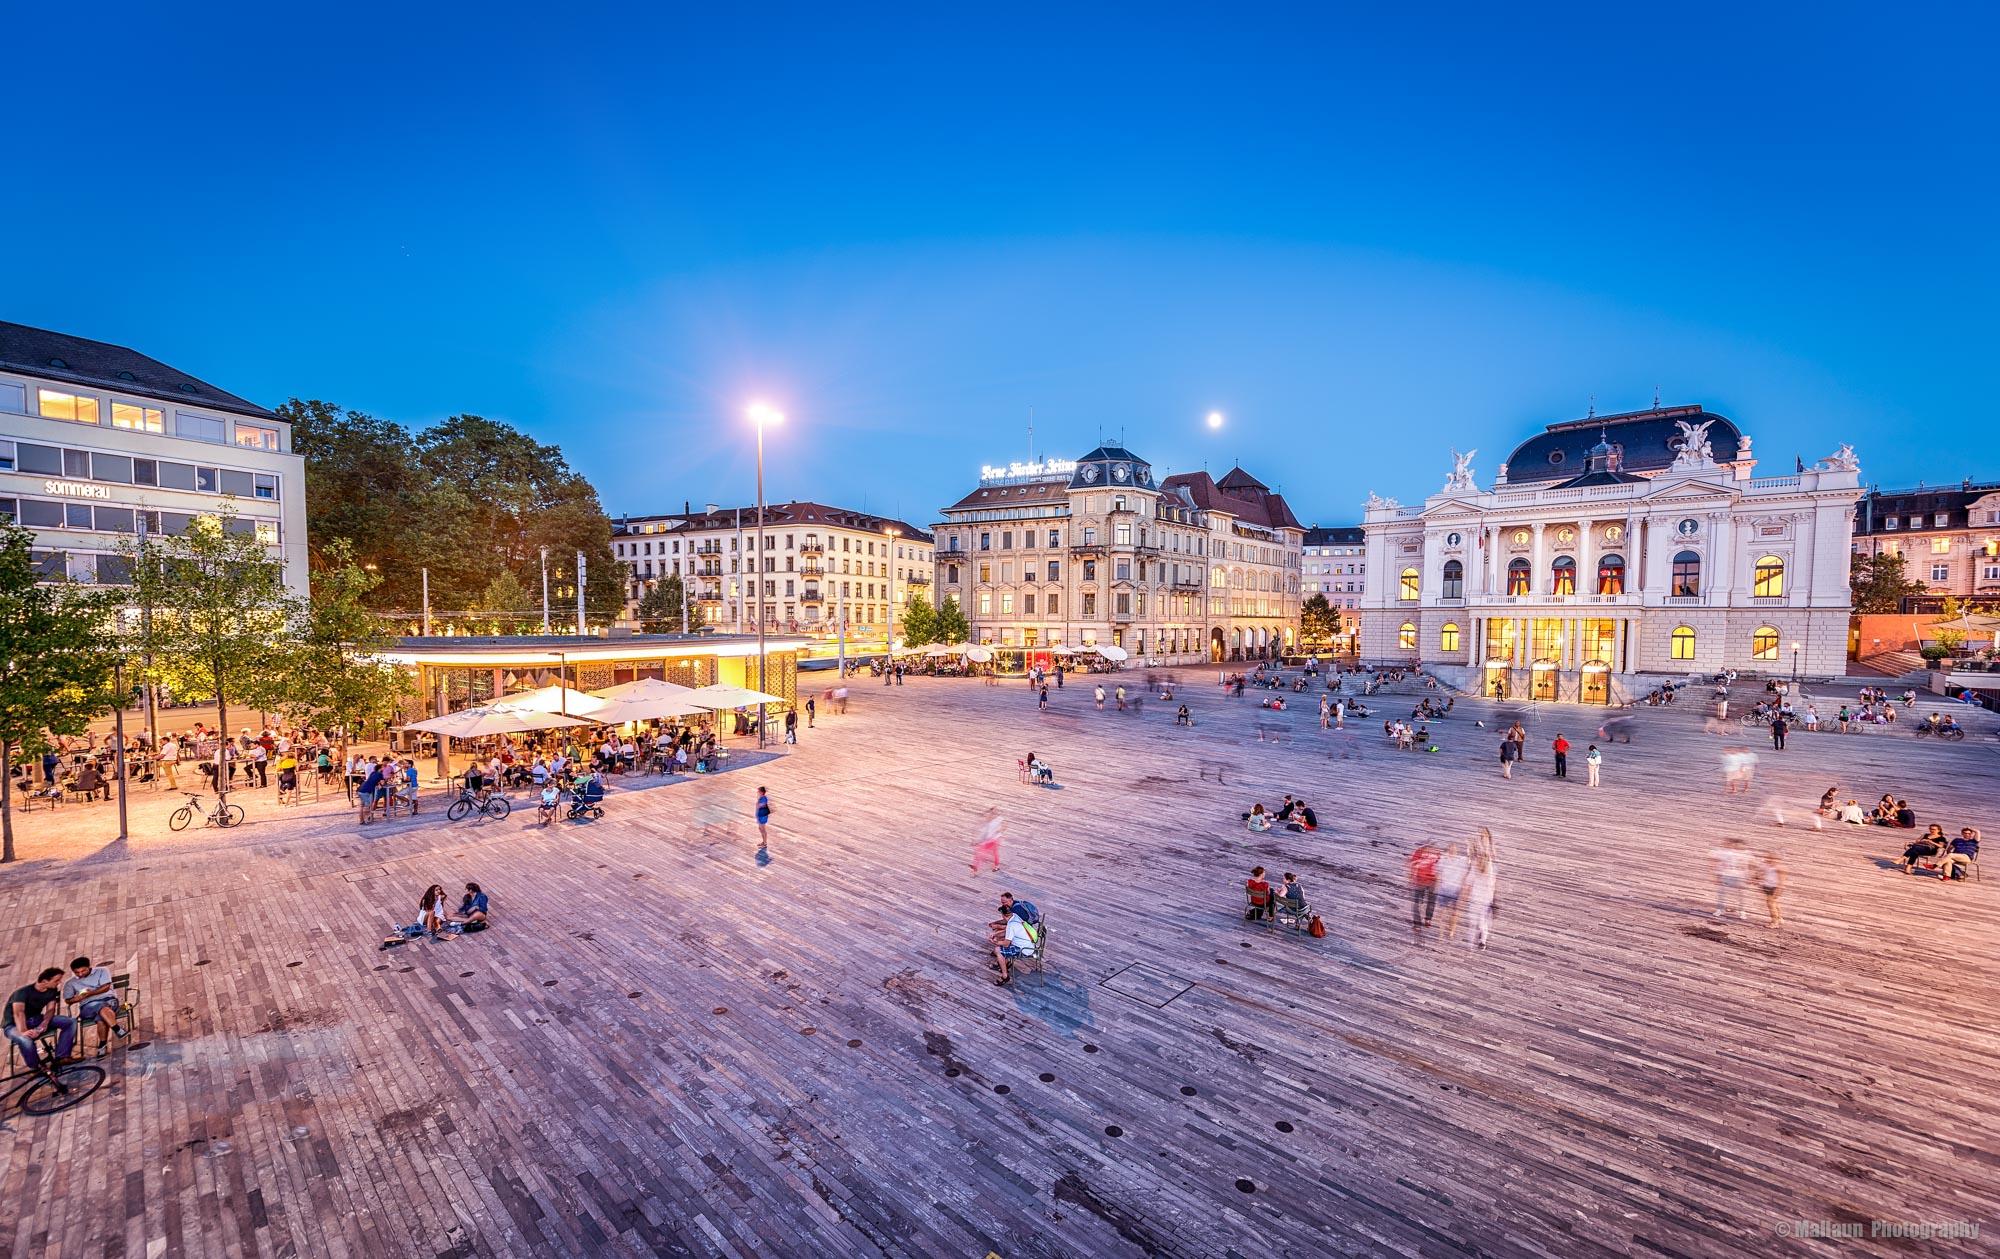 Bellevueplatz mit Opernhaus Zürich © Mallaun Photography